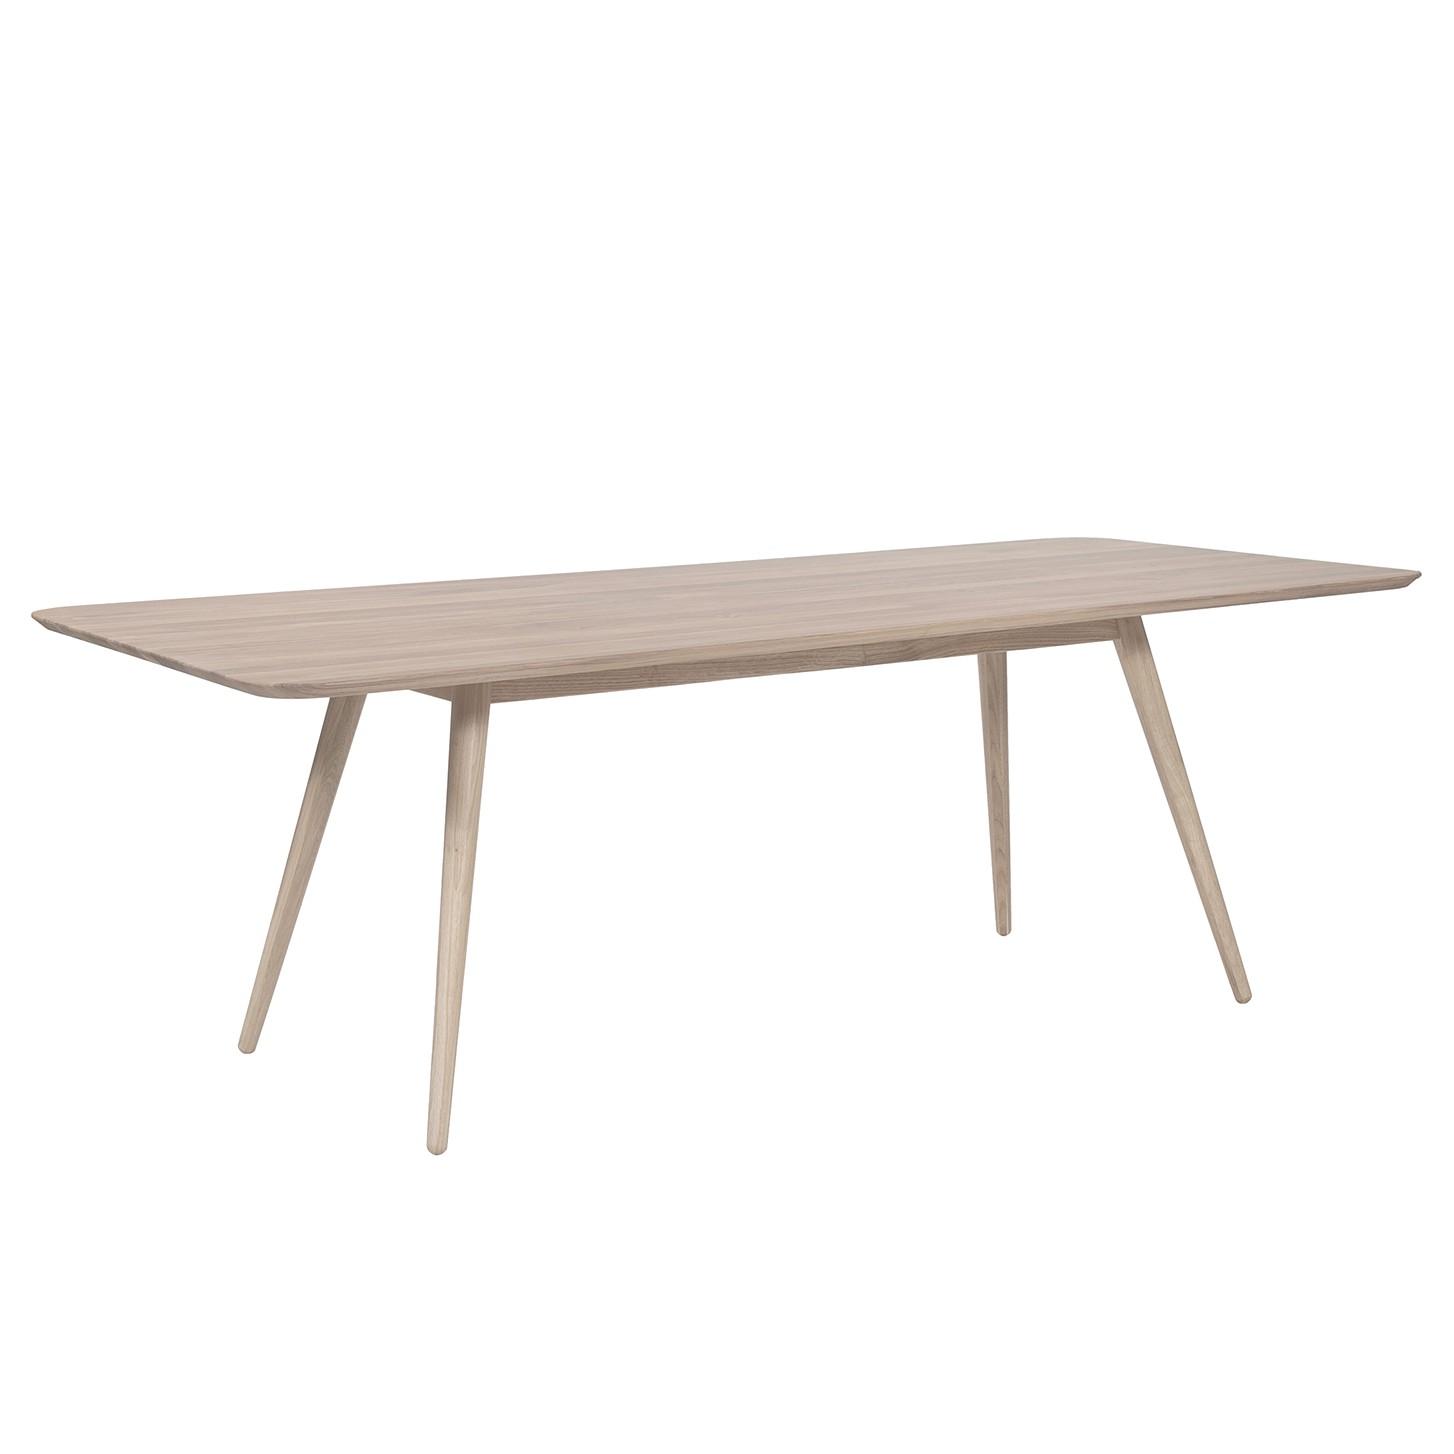 Eettafel Sander - massief eikenhout - Lichte eikenhouten - 180x90cm, Studio Copenhagen